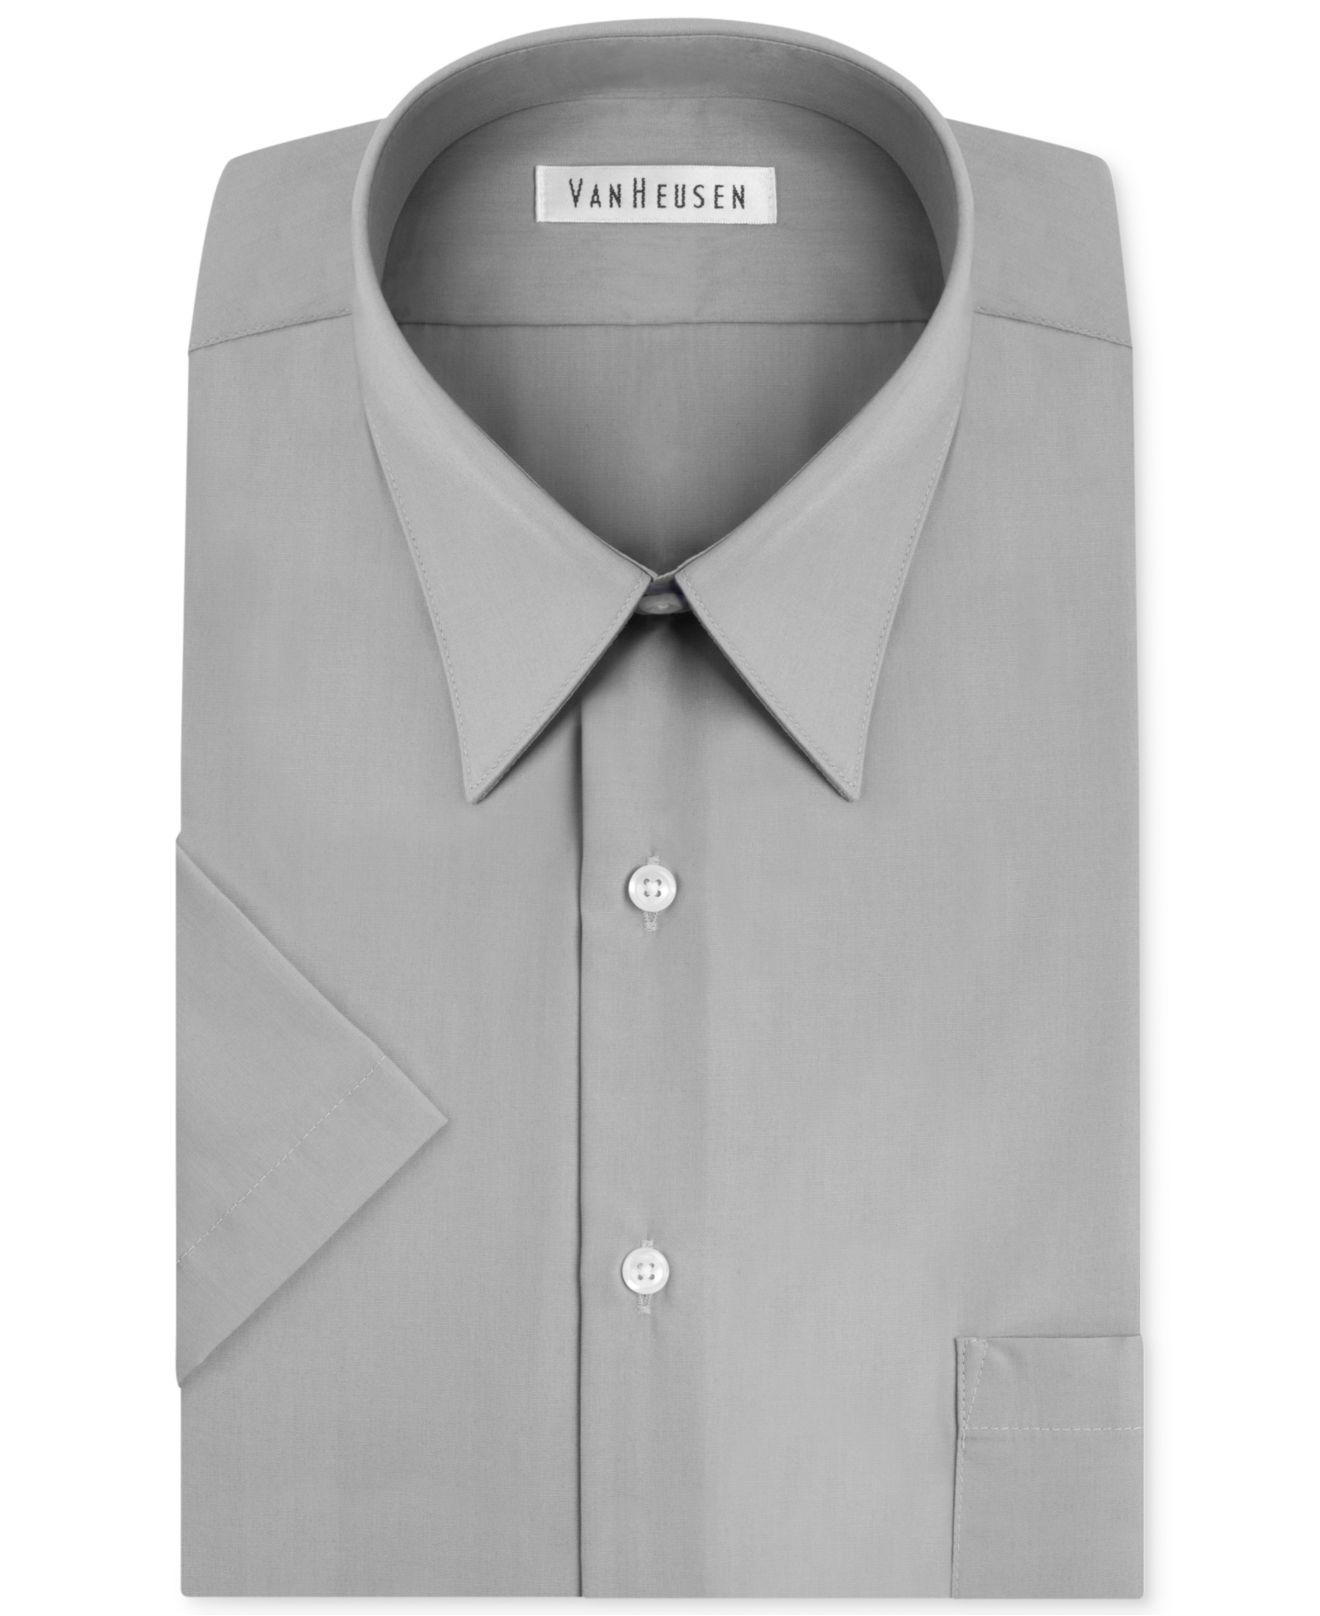 Lyst van heusen dress shirt white poplin short sleeved for Van heusen men s short sleeve dress shirts